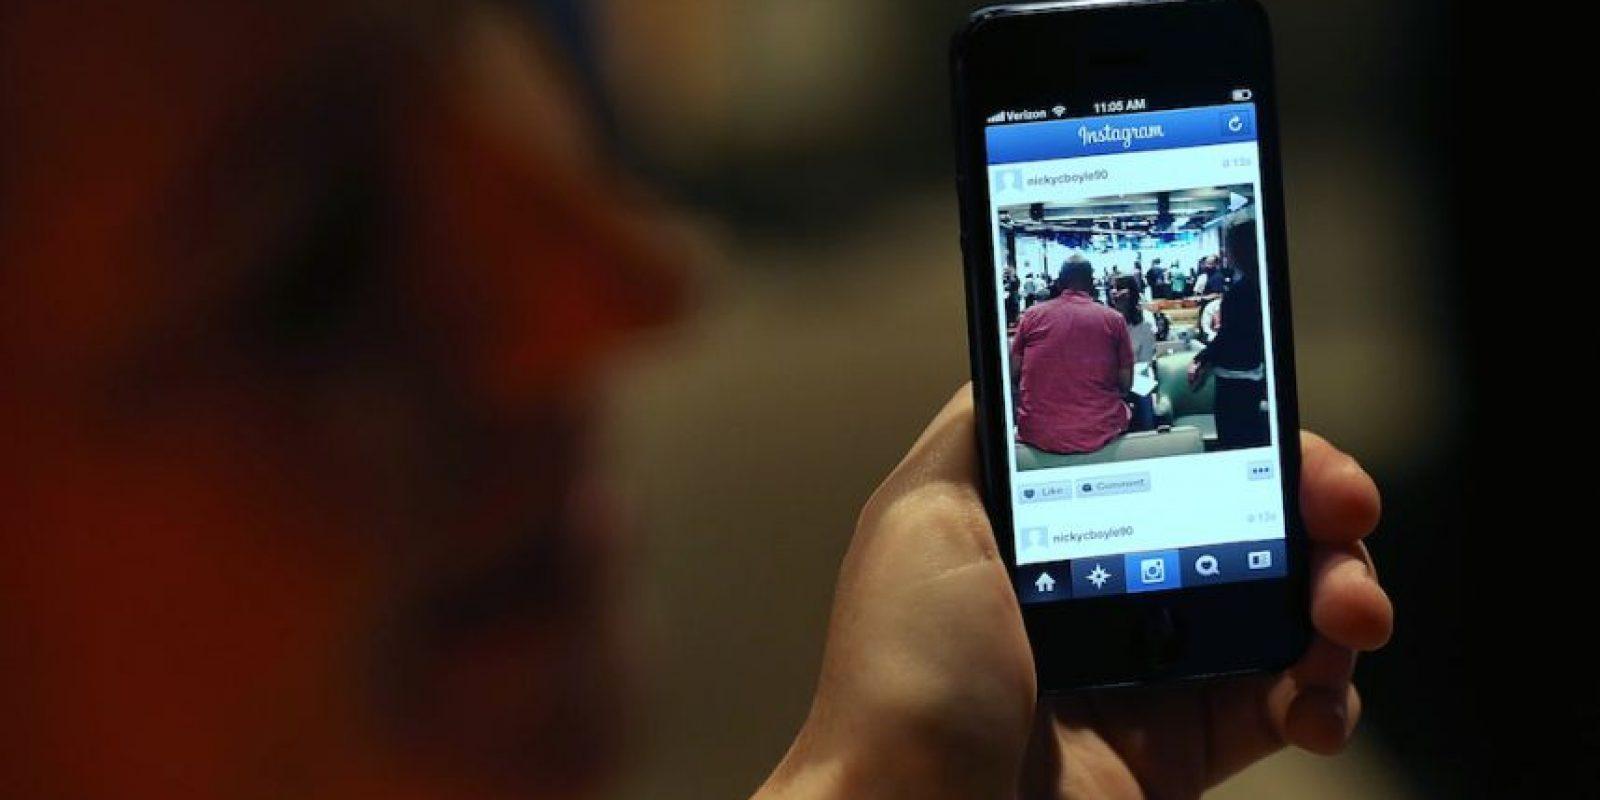 Las fotos y videos se pueden compartir a redes sociales como Facebook, Twitter, Tumblr, Foursquare y Flickr. Foto:Getty Images